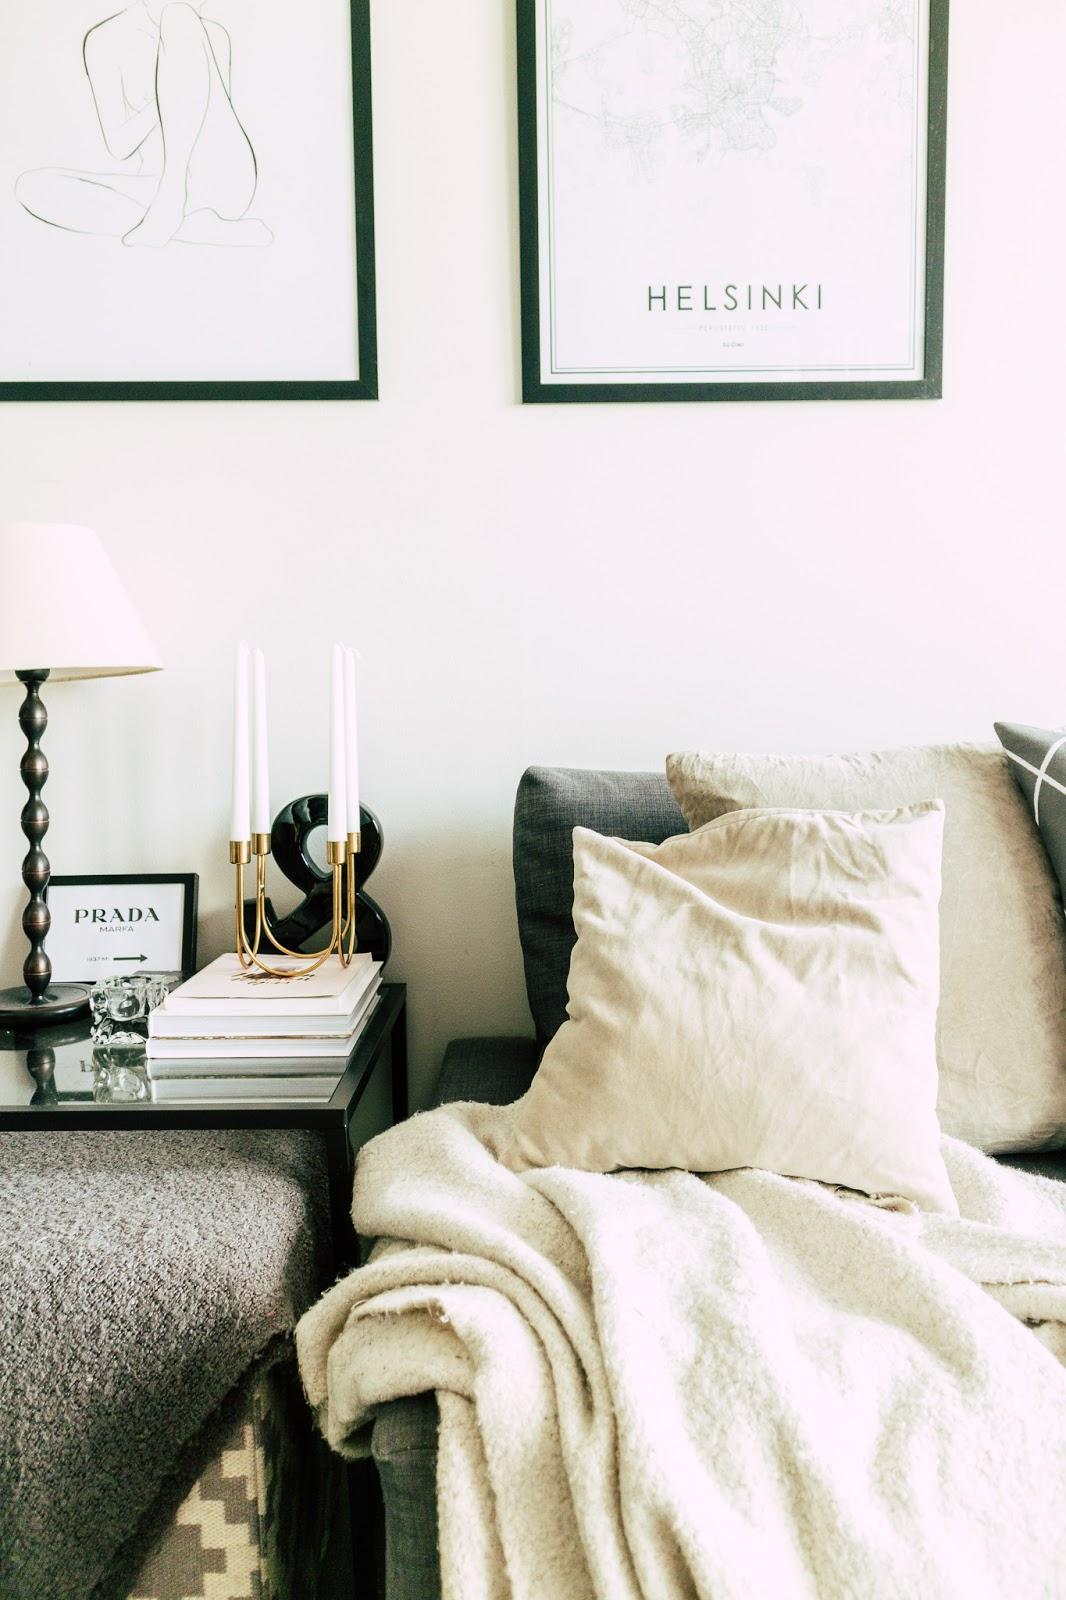 syksy, koti, sisustus, sisustusblogi, tuoksut, tuoksusisustaminen, syyskoti,